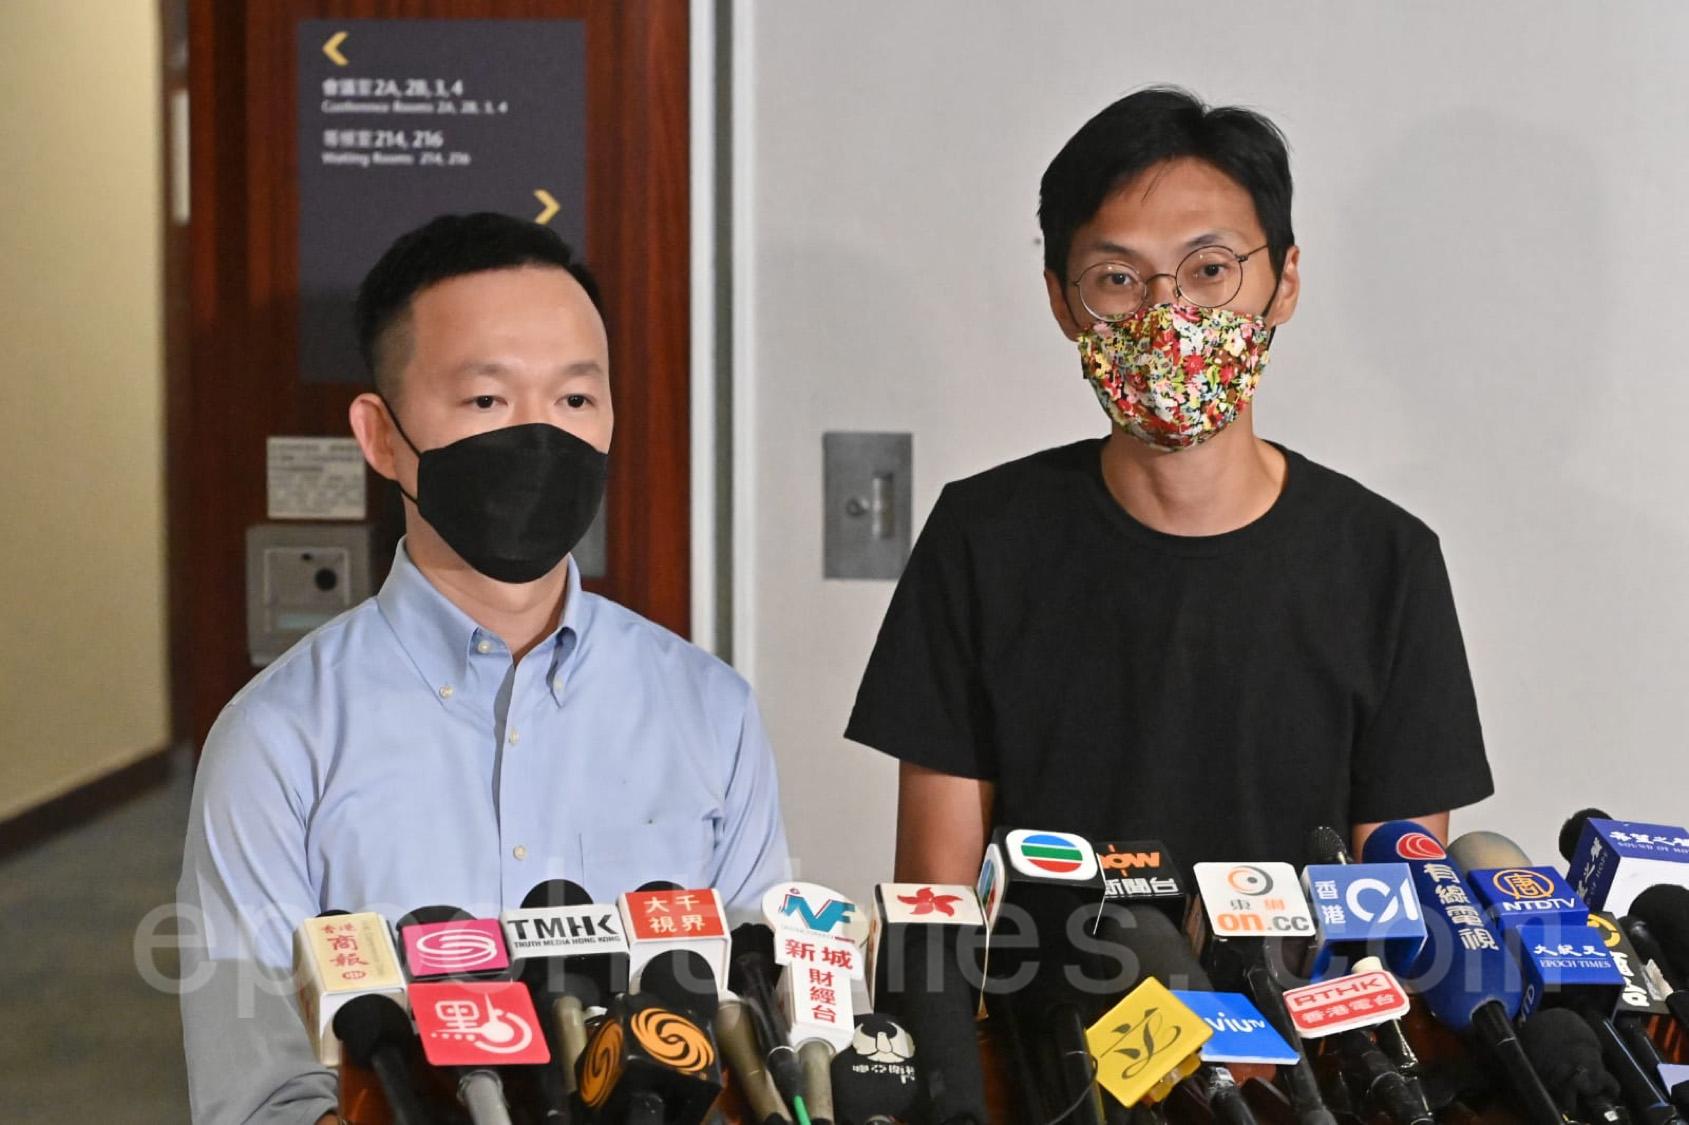 9月28日,朱凱廸(右)及陳志全去信立法會秘書處,表明4年任期屆滿後選擇不會延任。(宋碧龍/大紀元)